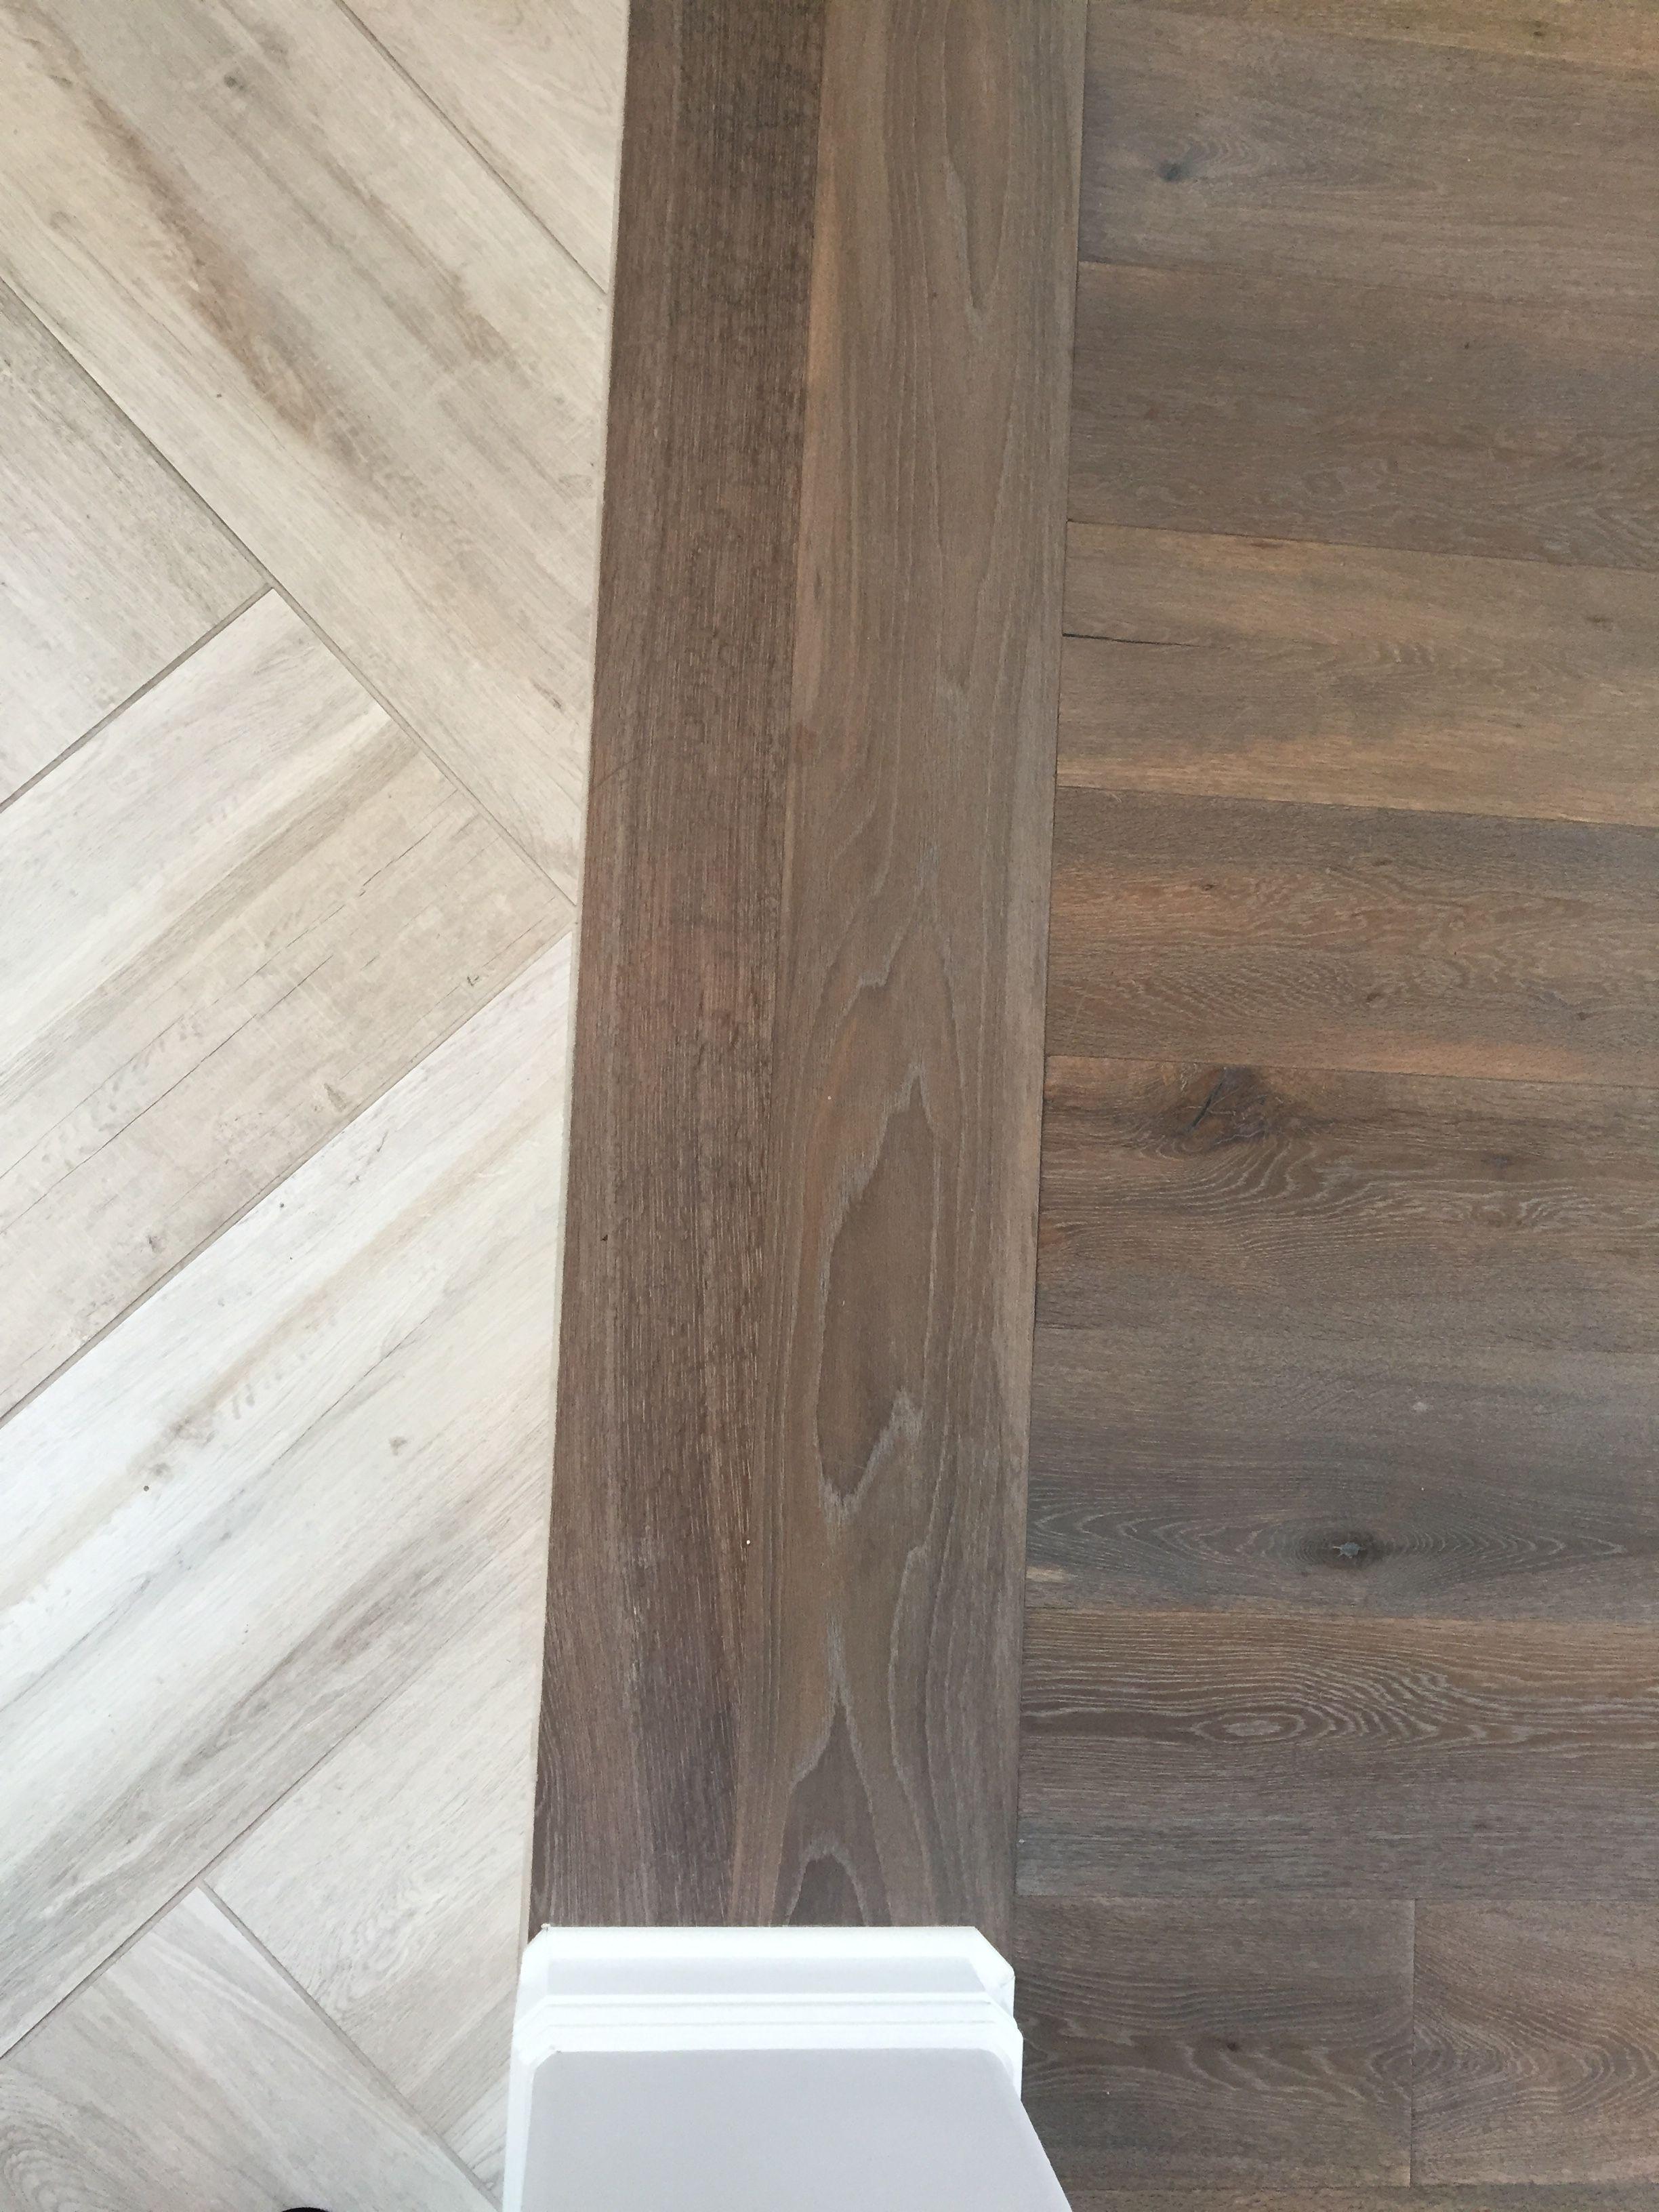 hardwood floor steam cleaner reviews of floor transition laminate to herringbone tile pattern model inside floor transition laminate to herringbone tile pattern herringbone tile pattern herringbone wood floor